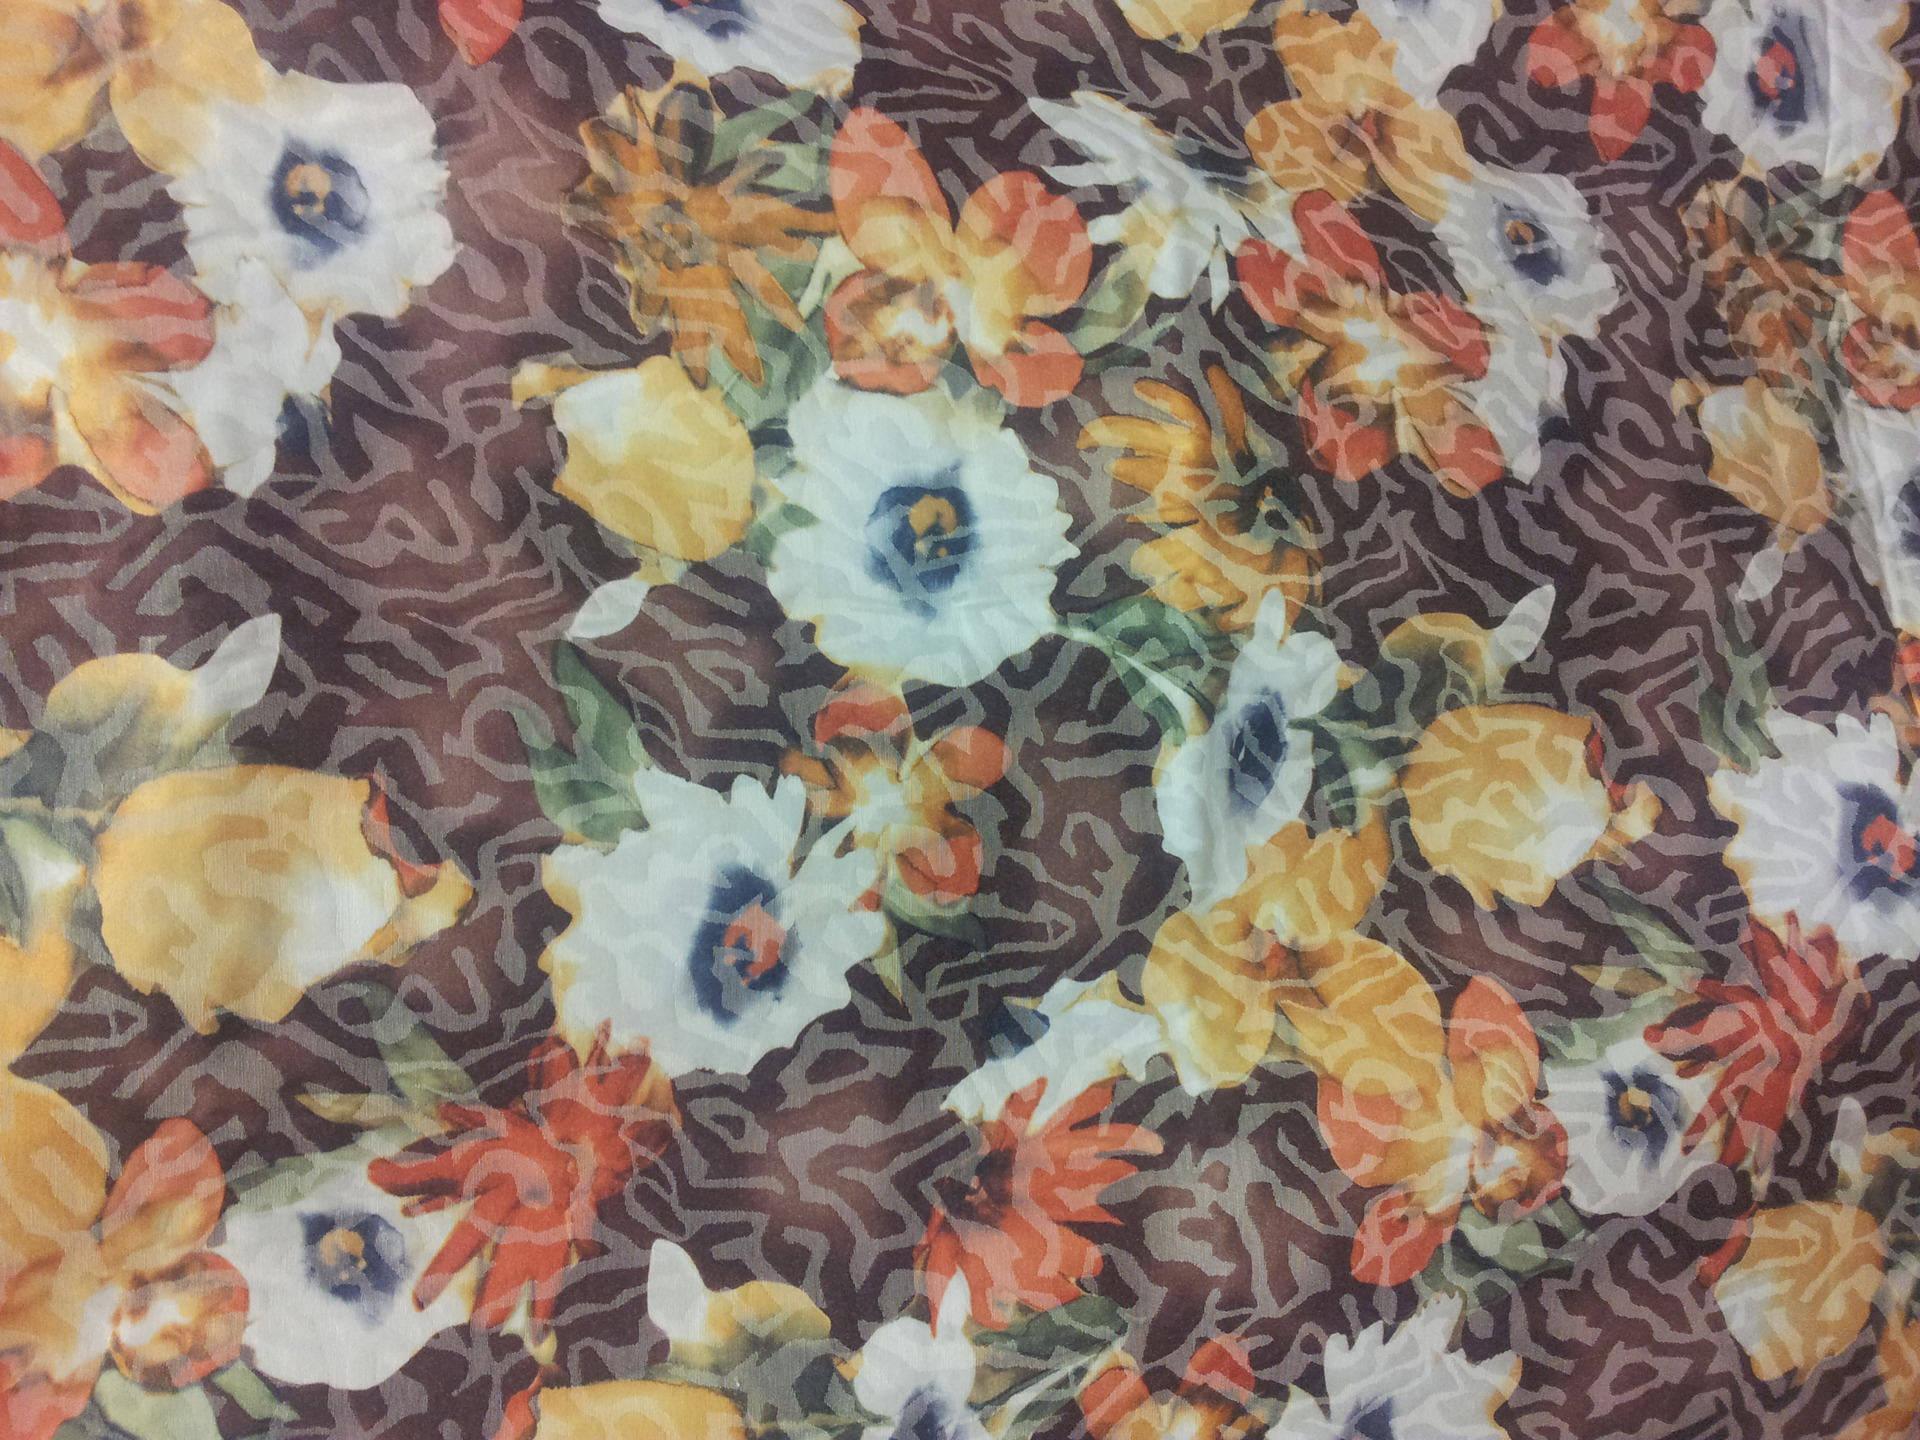 Elégant Coton au motif floral maronné